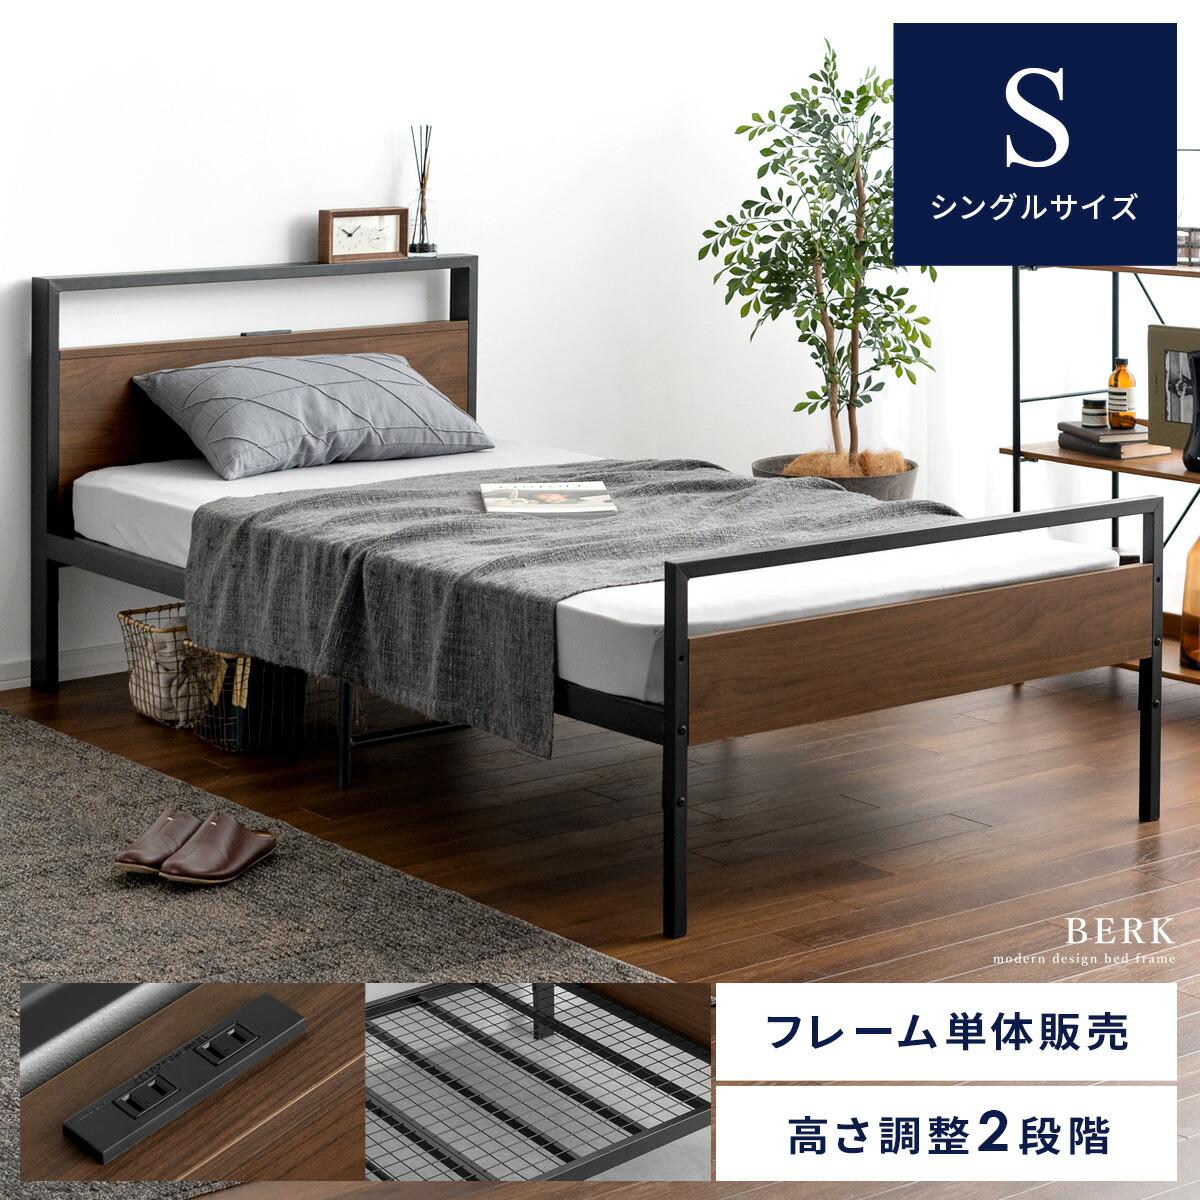 スチールベッド BERK〔ベルク〕 シングルサイズ フレーム単体販売 ブラック ホワイト    ベッドフレームのみの販売となっております。 マットレスは付いておりません。